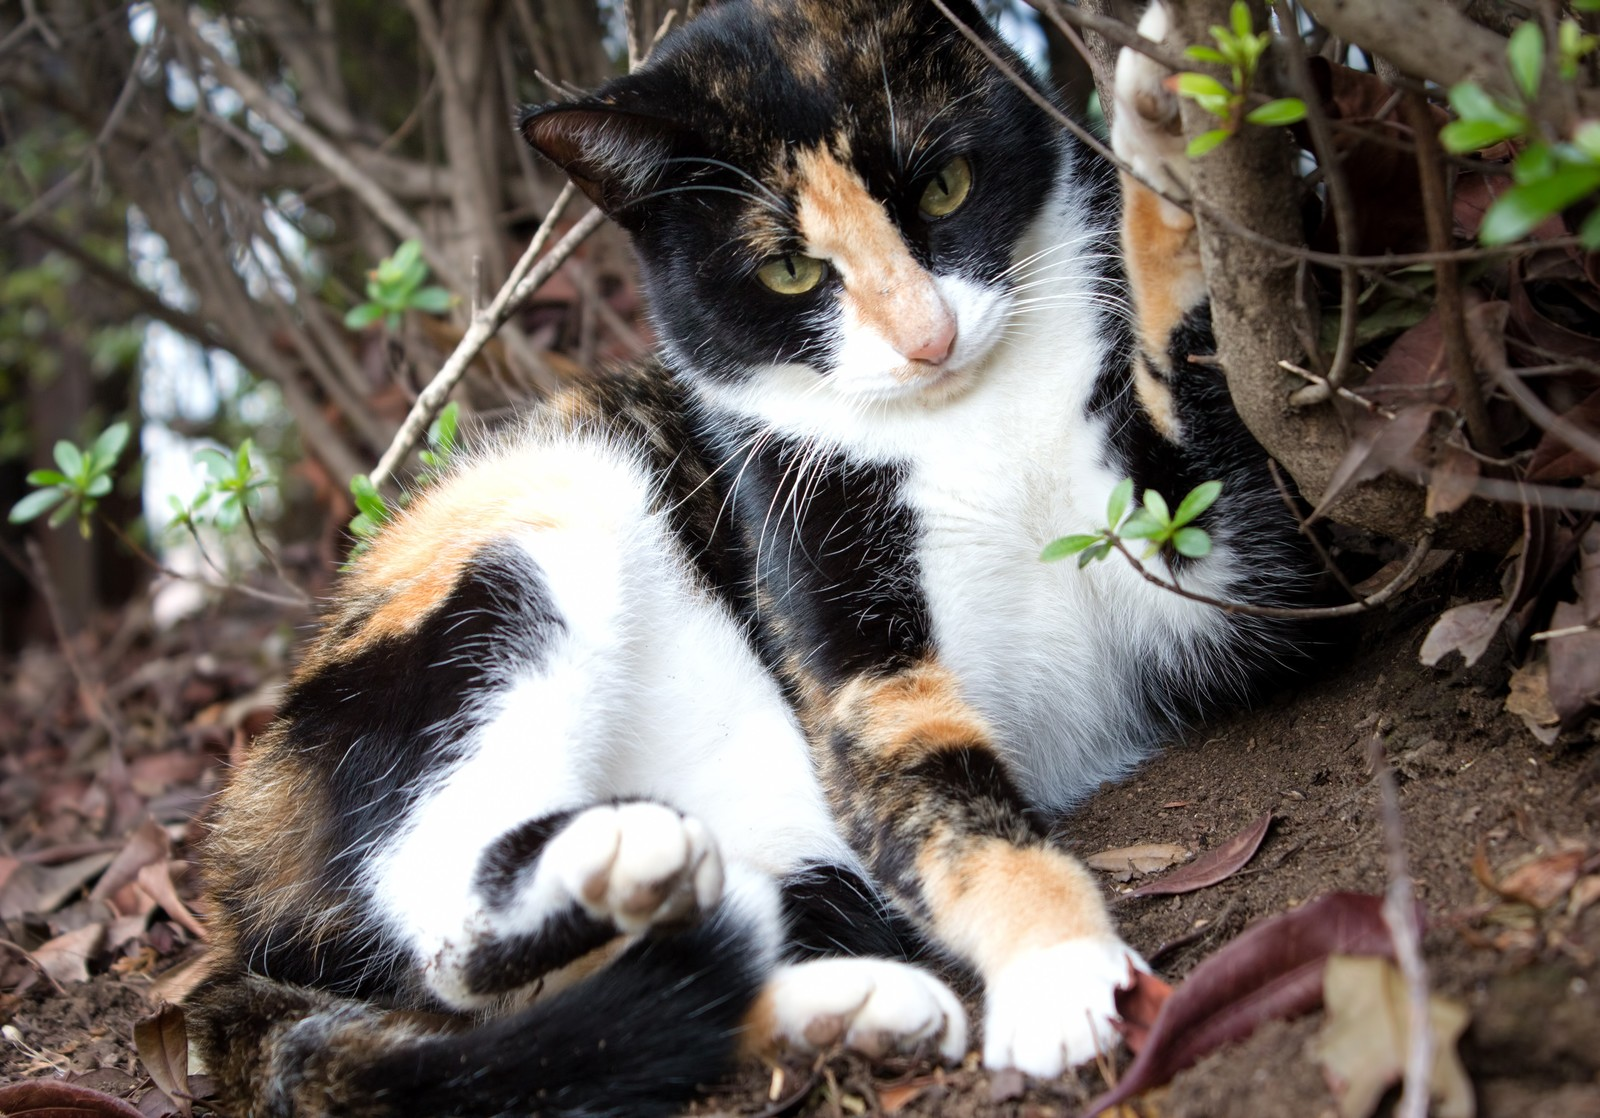 「警戒する猫警戒する猫」のフリー写真素材を拡大